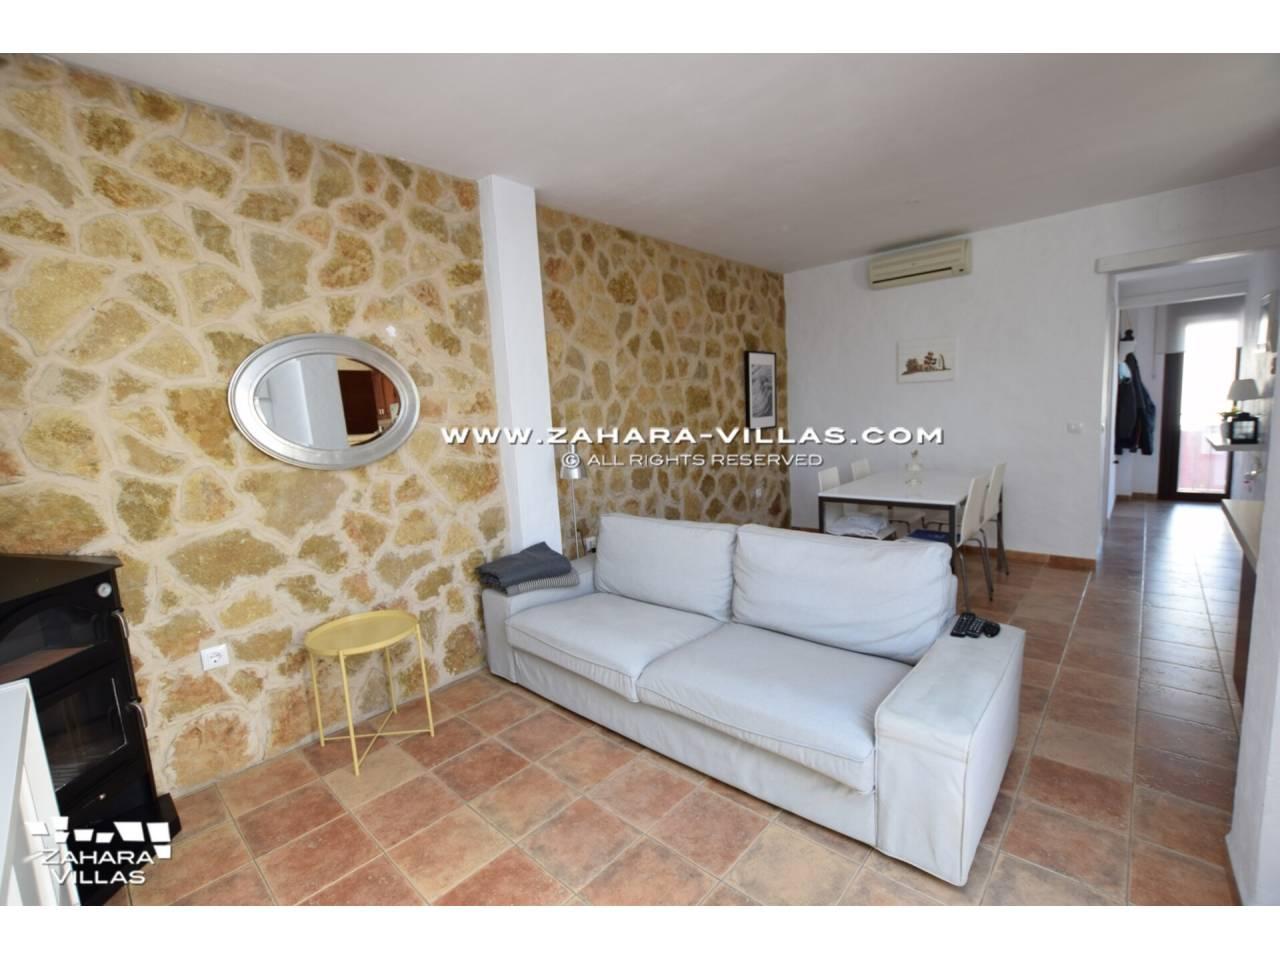 Imagen 30 de Haus zum verkauf in Zahara de los Atunes